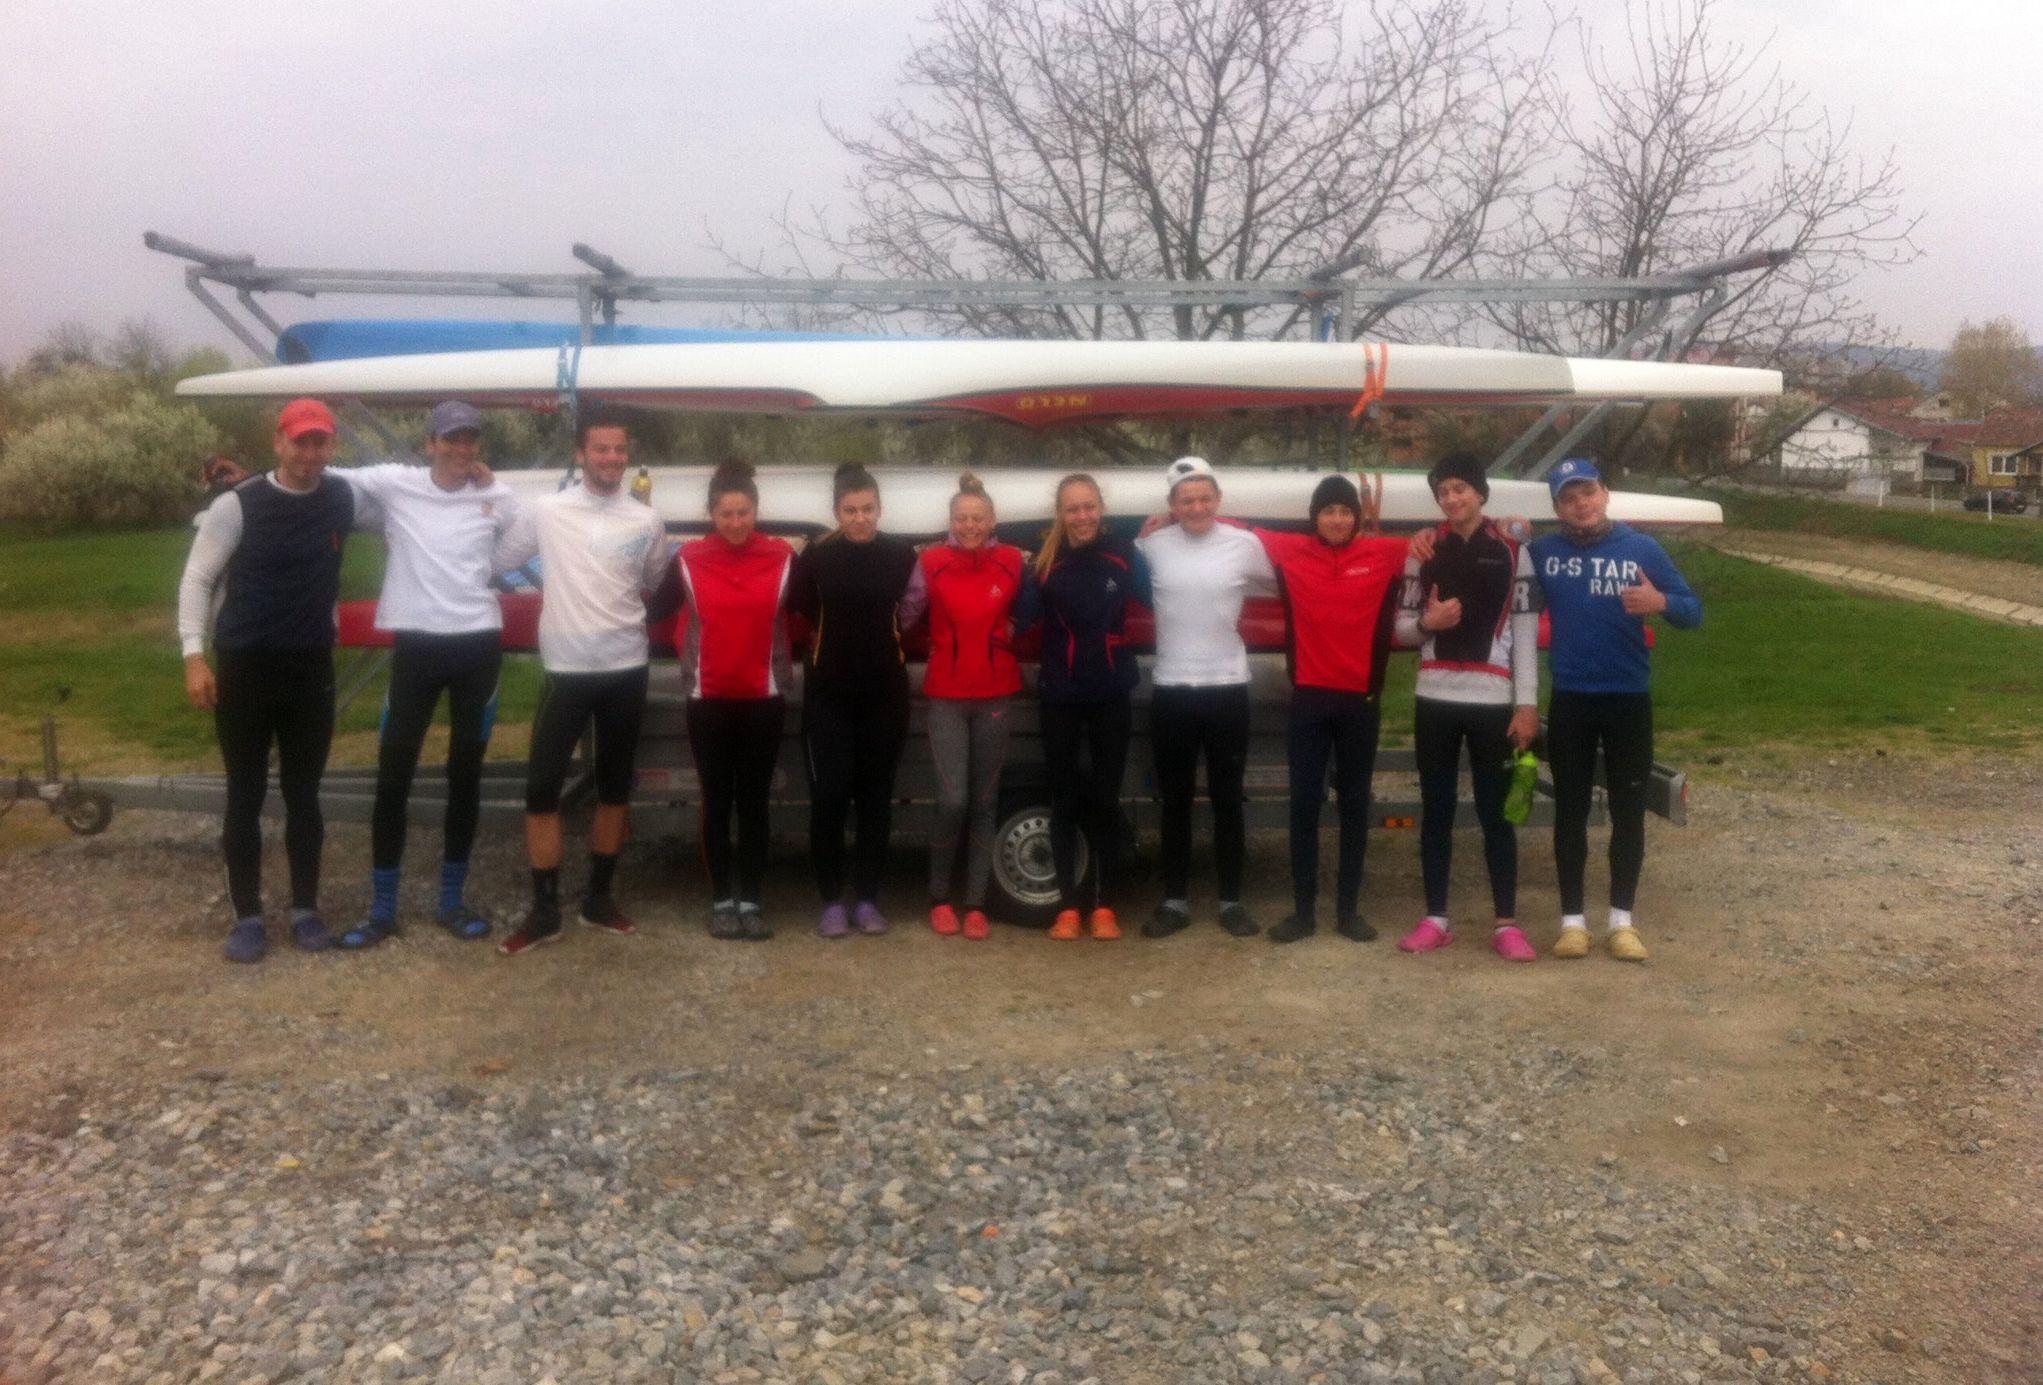 Sedam dana uoči nove kajakaške sezone ekipa Olimpika veslala od Slavonskog Kobaša do Slavonskog Broda